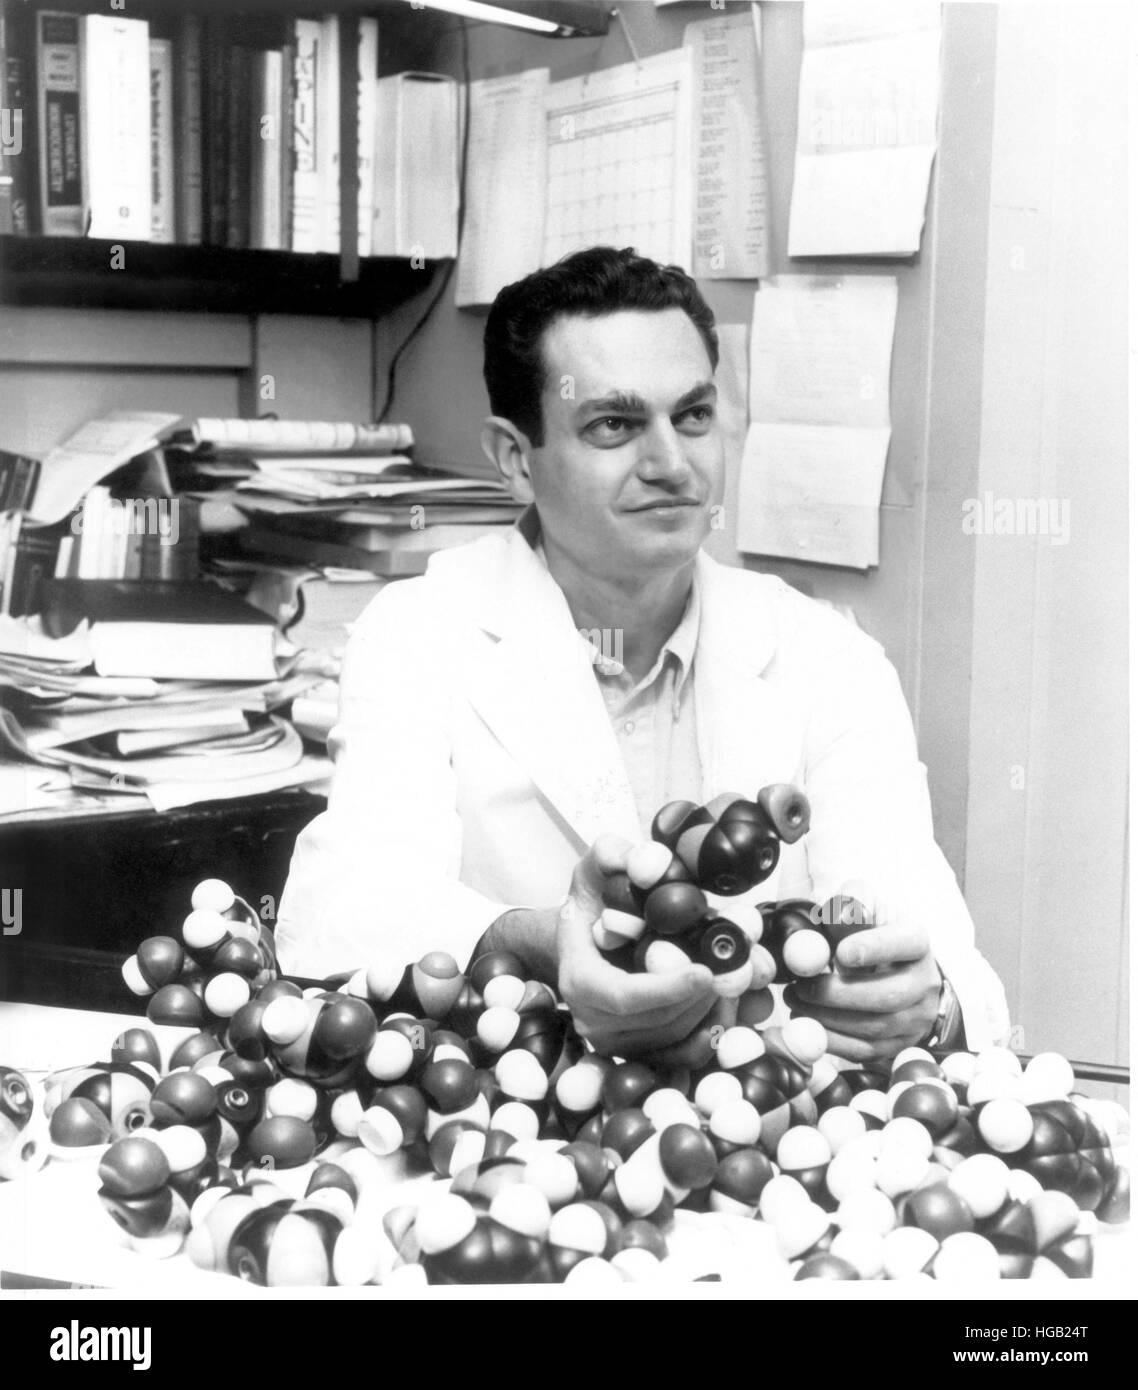 Dr. Marshall Nirenberg holding DNA models. - Stock Image